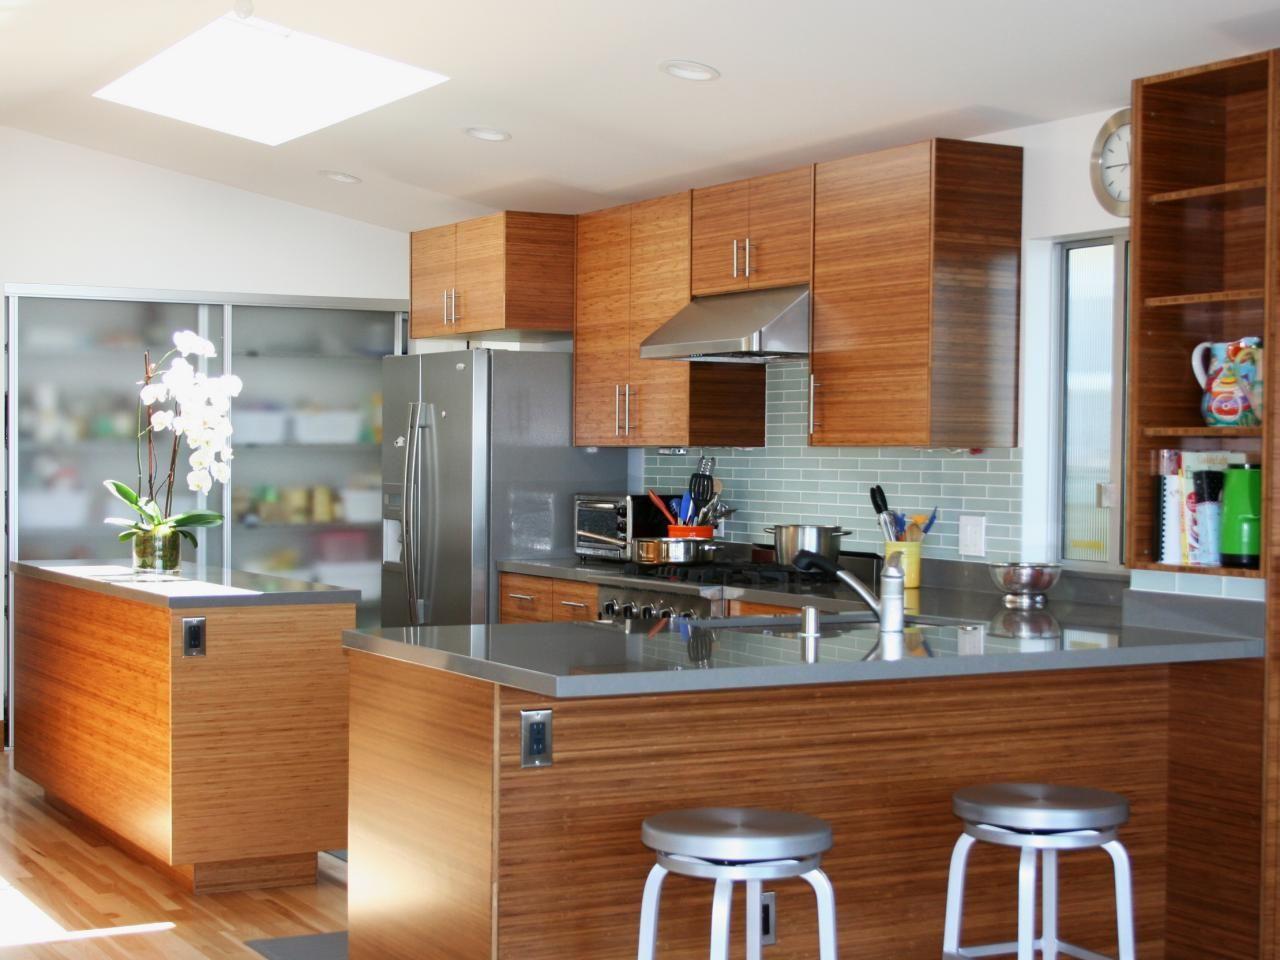 Full Size of Sconto Küchen Das Merkmal Moderner Kchenschrnke Moderne Kchendesigns Regal Wohnzimmer Sconto Küchen